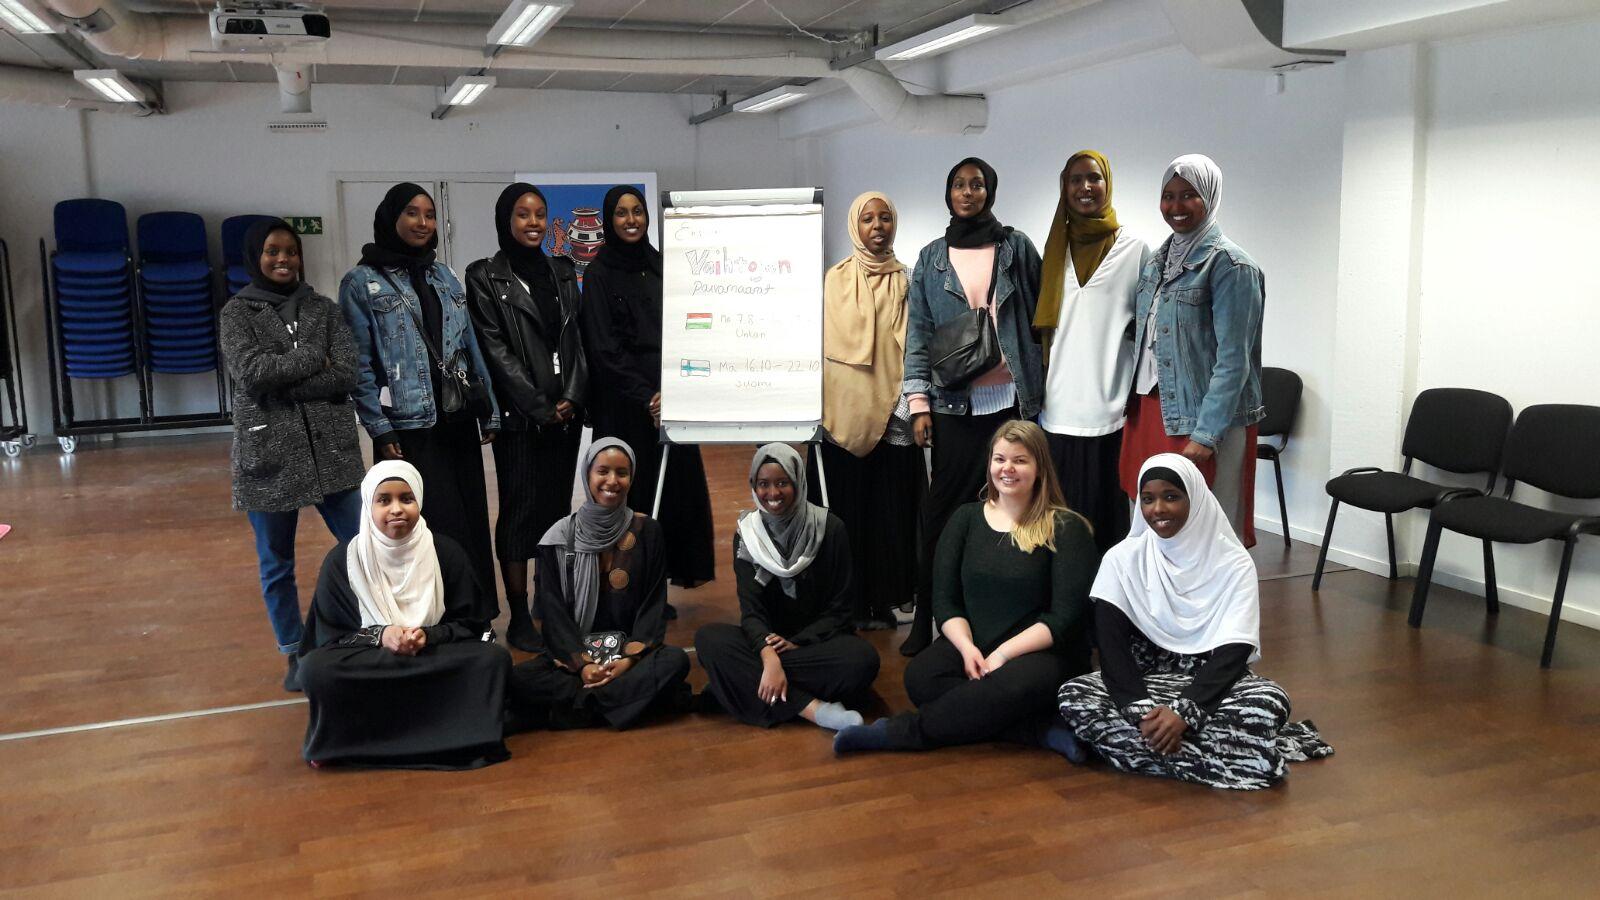 Suomensomalialaiset naiset ja unkarilaiset kumppanit pohtivat jatkossa yhdessä yrittäjyyttä